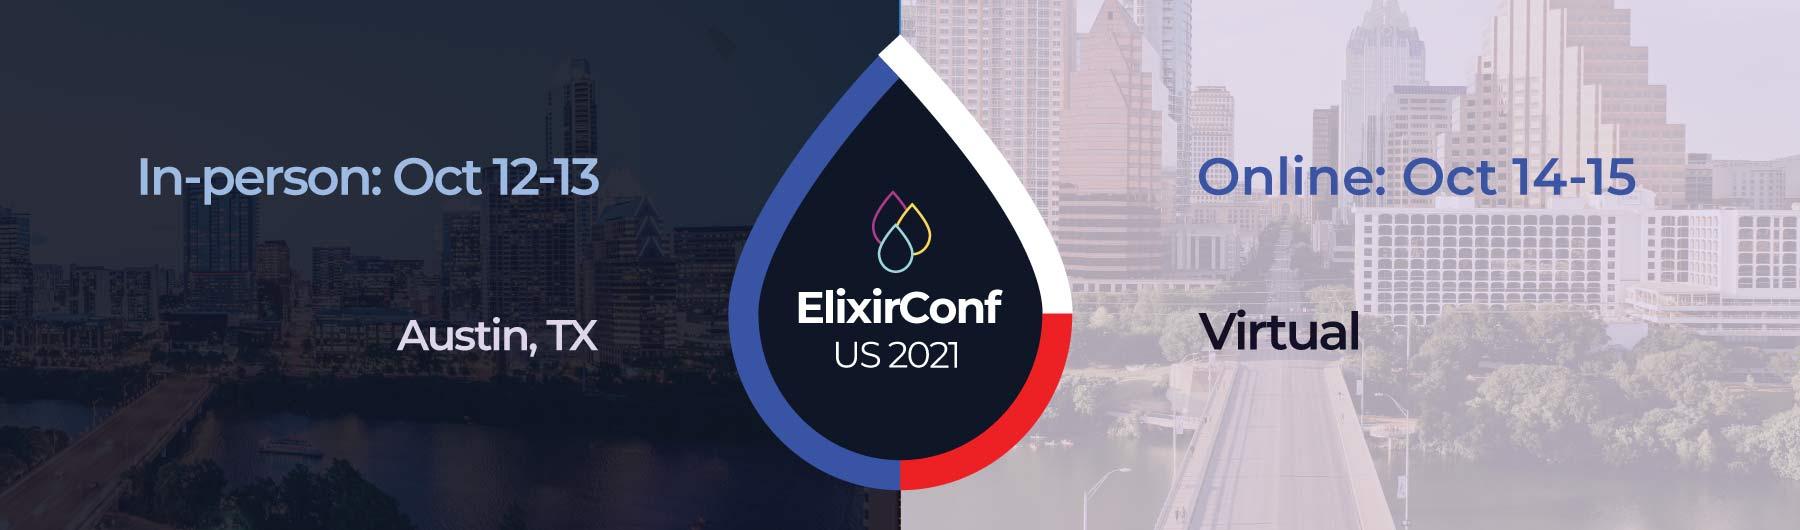 ElixirConf US 2021